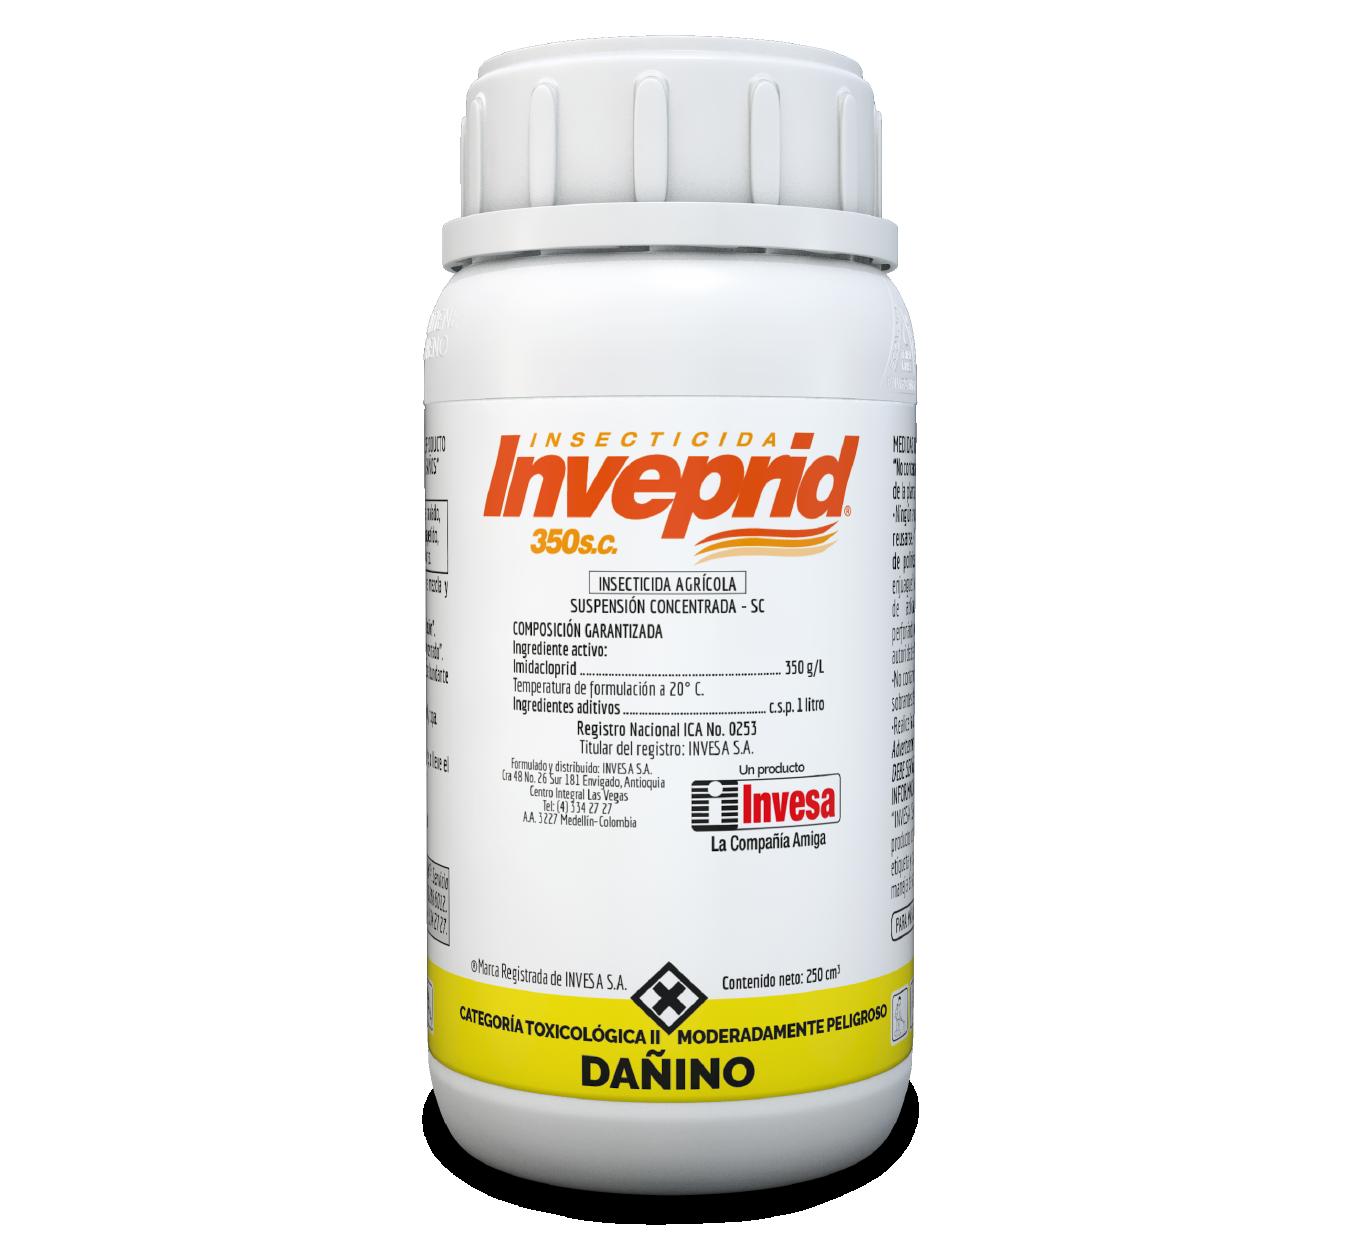 Insecticida inveprid 350 sc invesa 250 cc